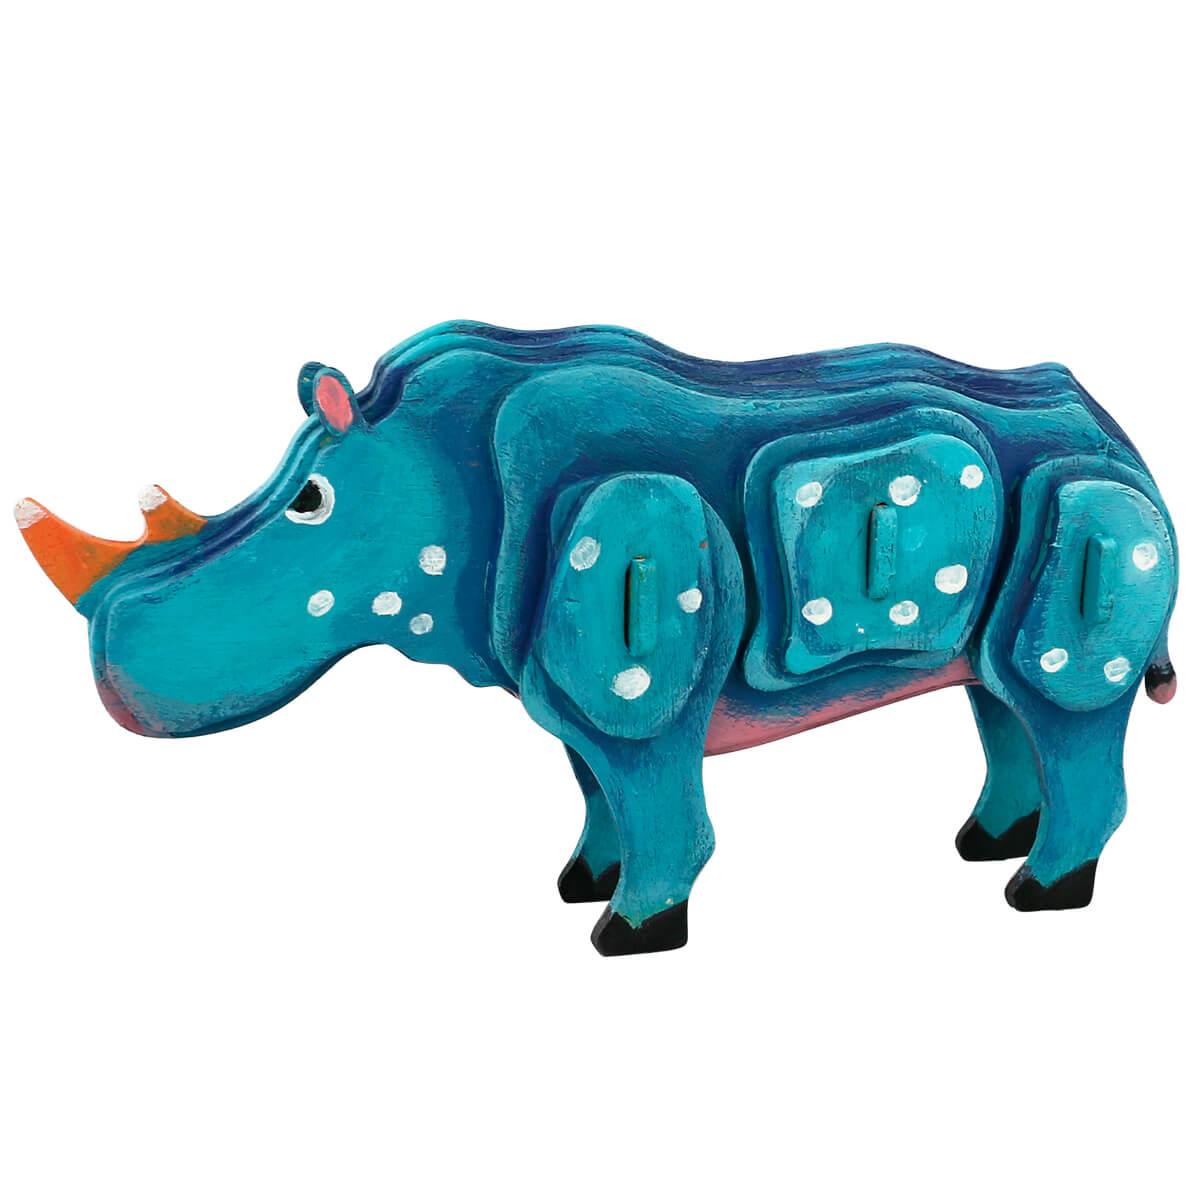 3Д пазл раскраска ТМ Цветной Носорог